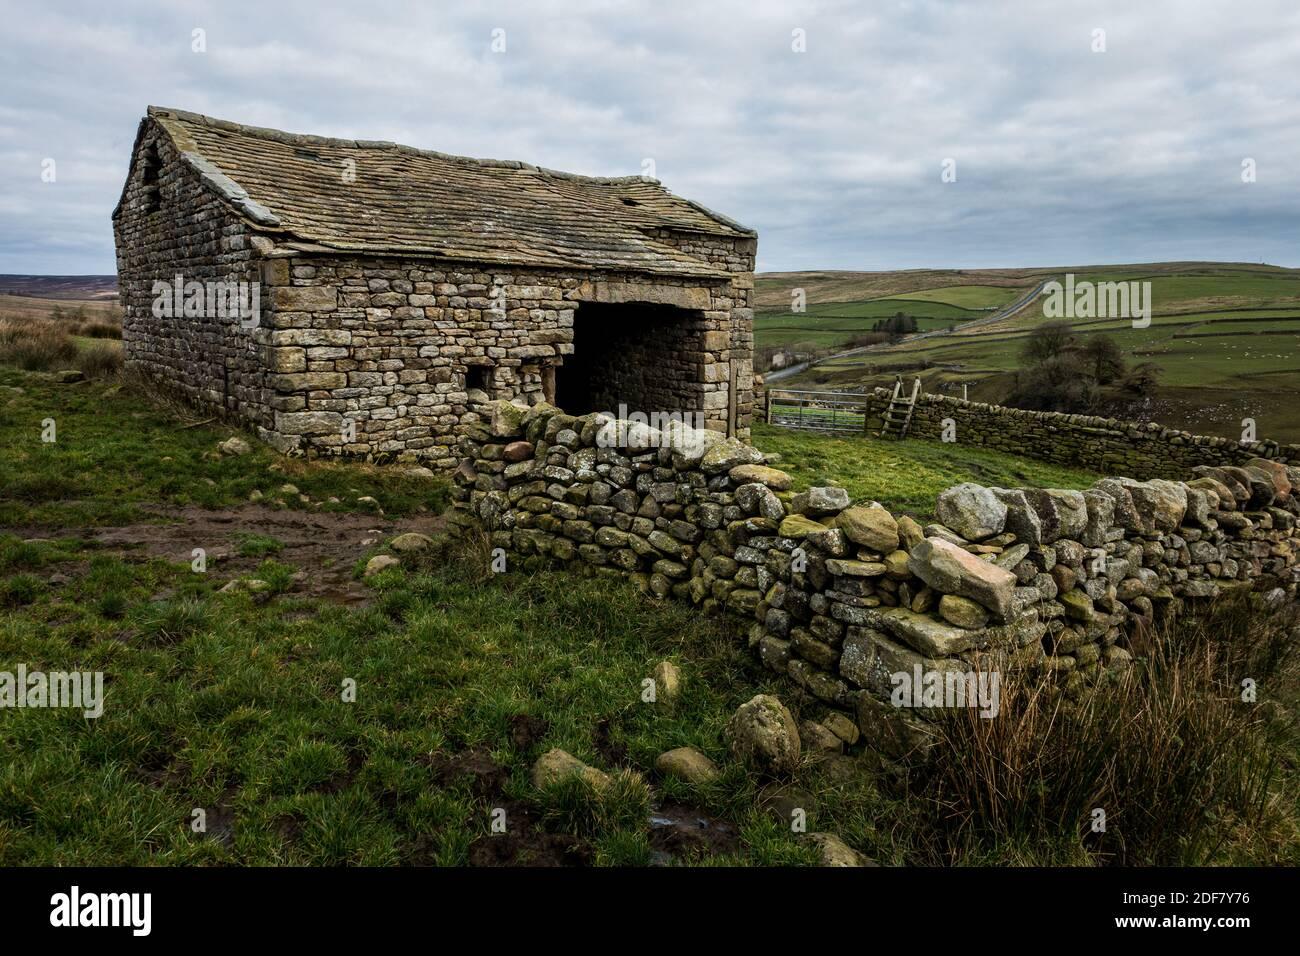 Vecchio fienile di pietra con stile di legno e la B6265 sullo sfondo vicino a Hebden e Burnsall, Yorkshire Dales National Park, North Yorkshire, Eng Foto Stock